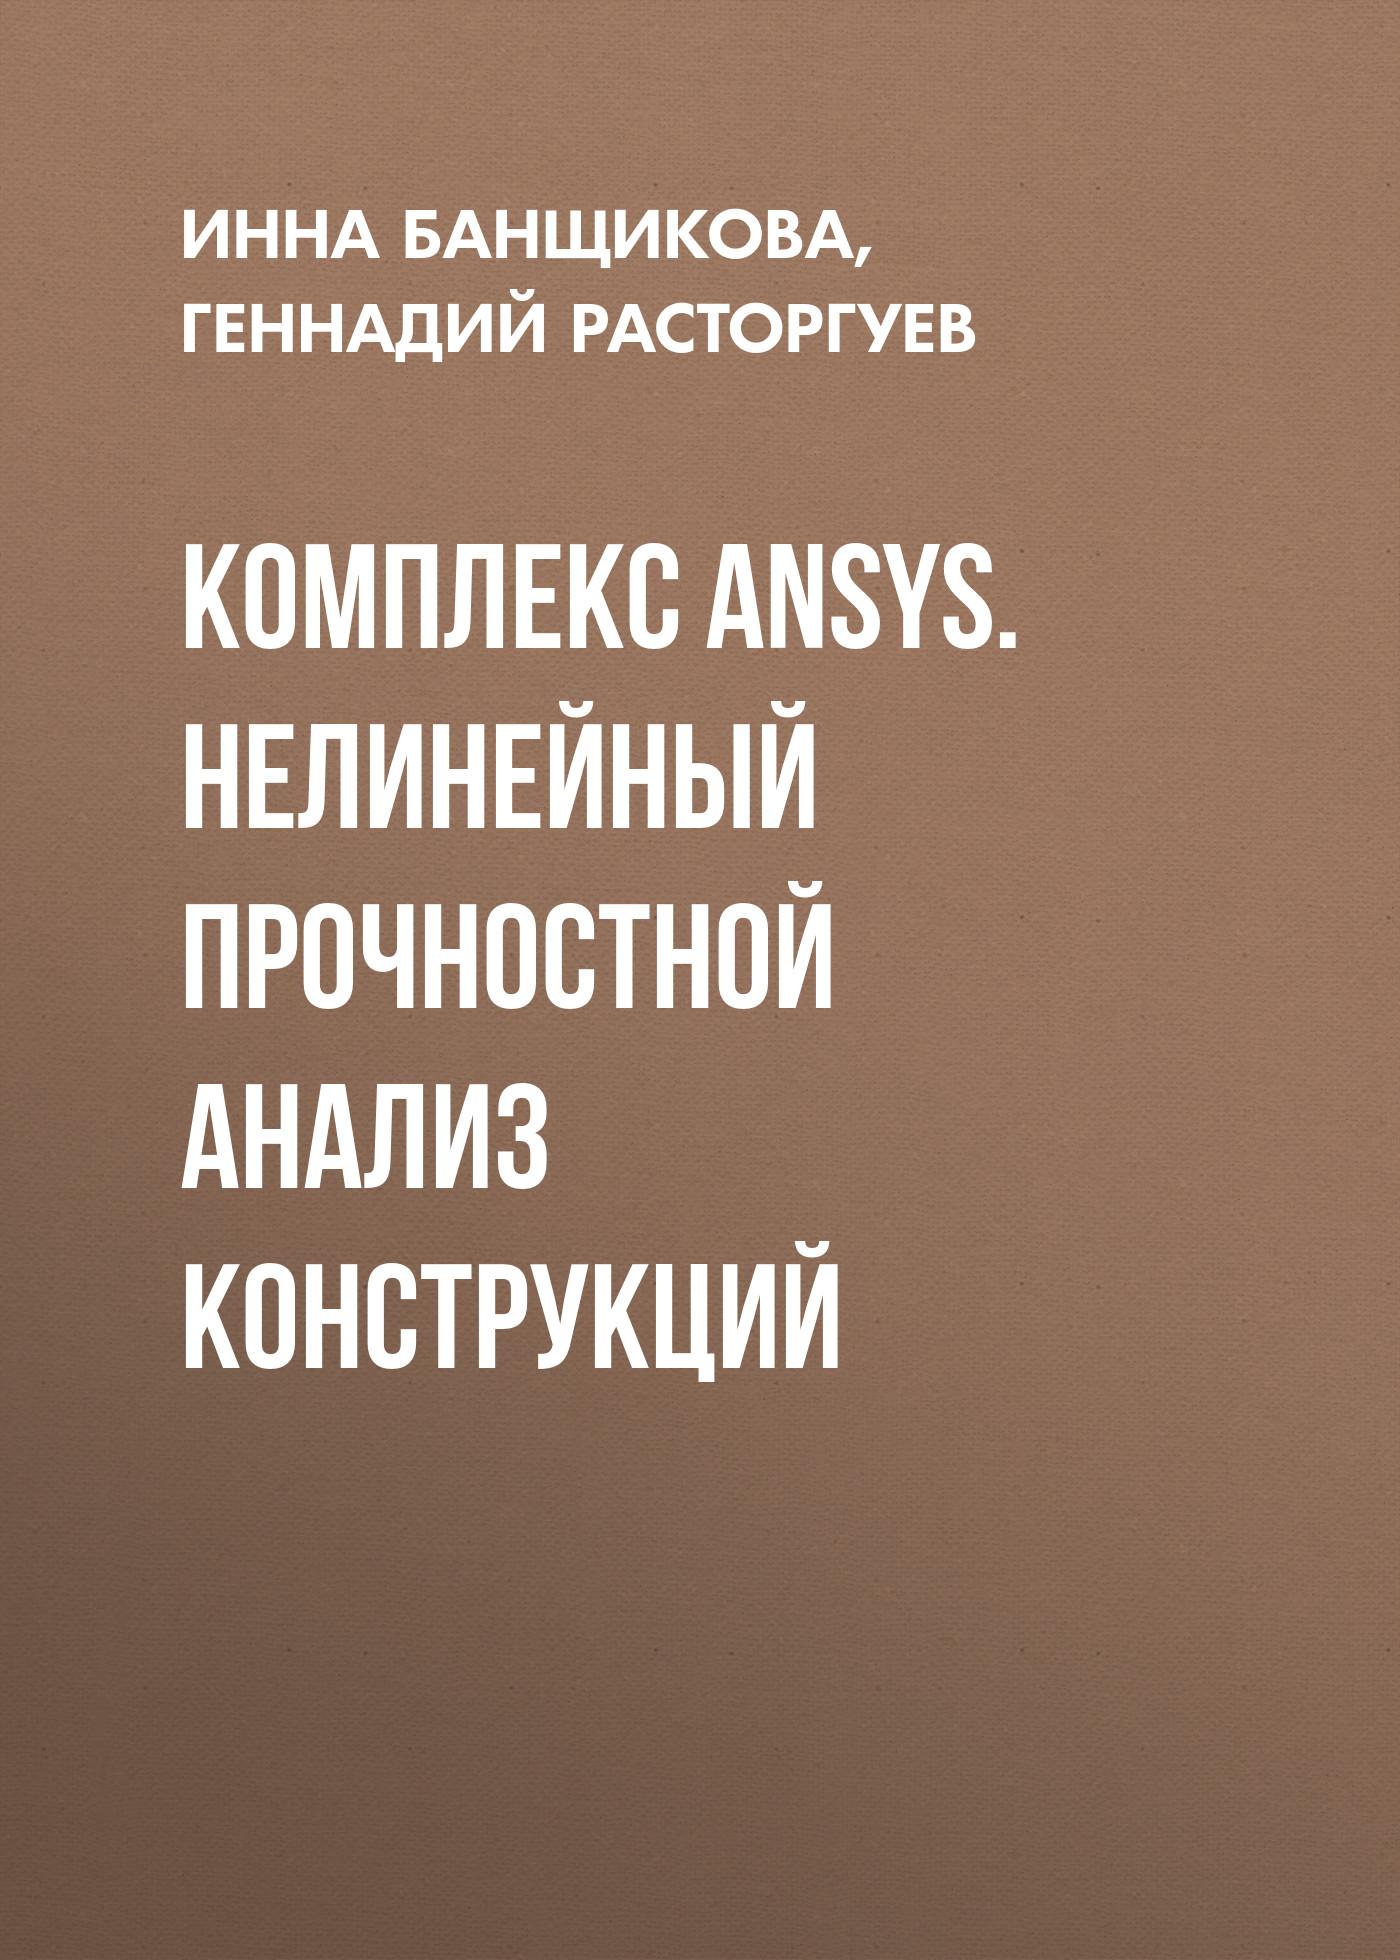 Геннадий Расторгуев Комплекс ANSYS. Нелинейный прочностной анализ конструкций